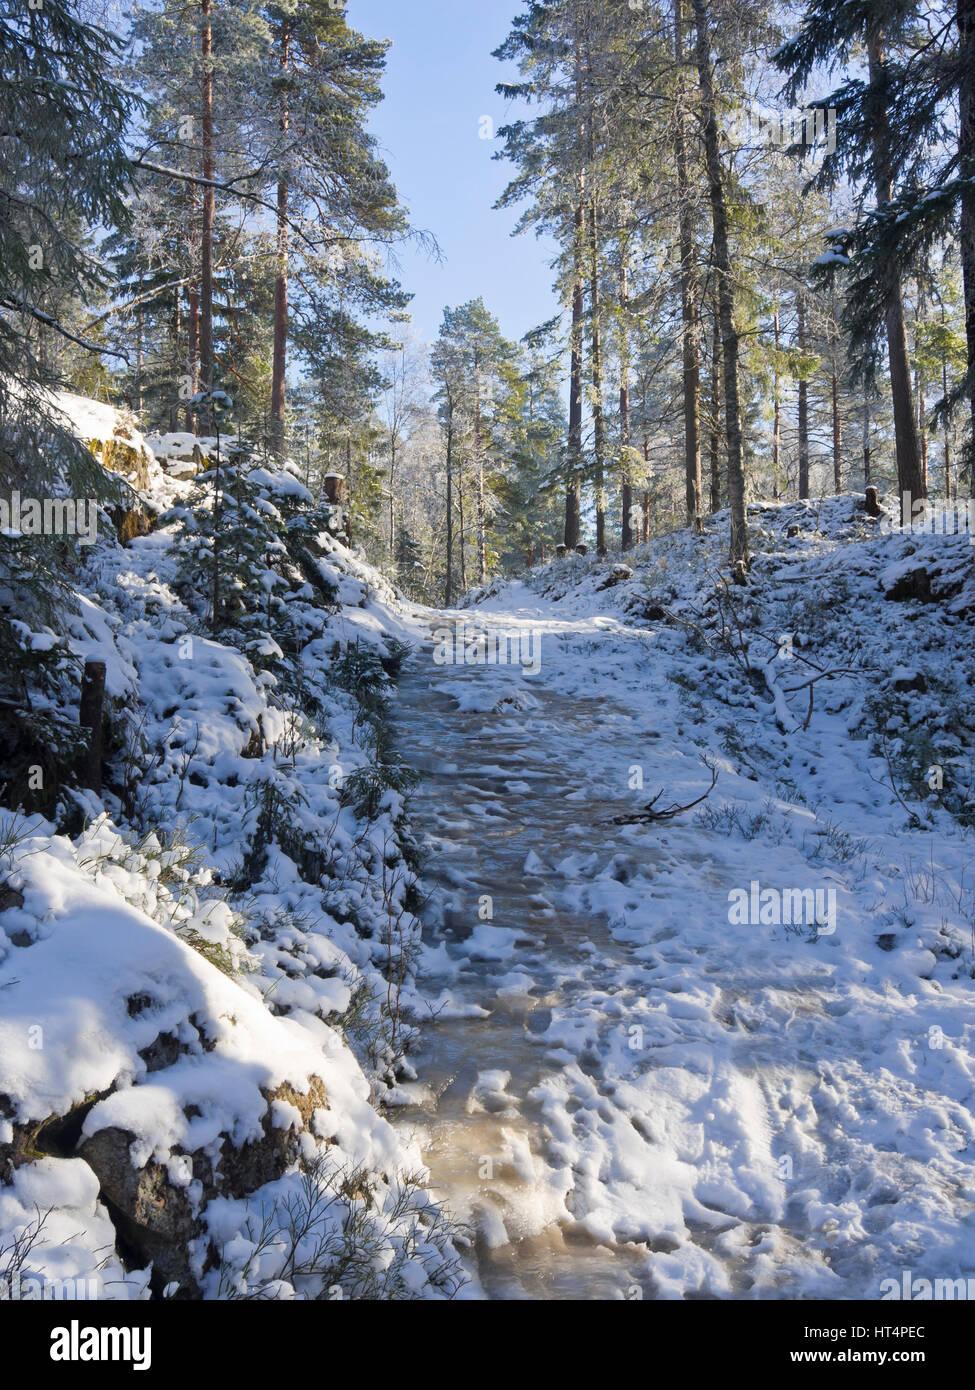 Wanderweg durch den Wald rund um Oslo Norwegen, Winter mit Schnee und ein eisiger bergauf abfallende Strecke Stockbild